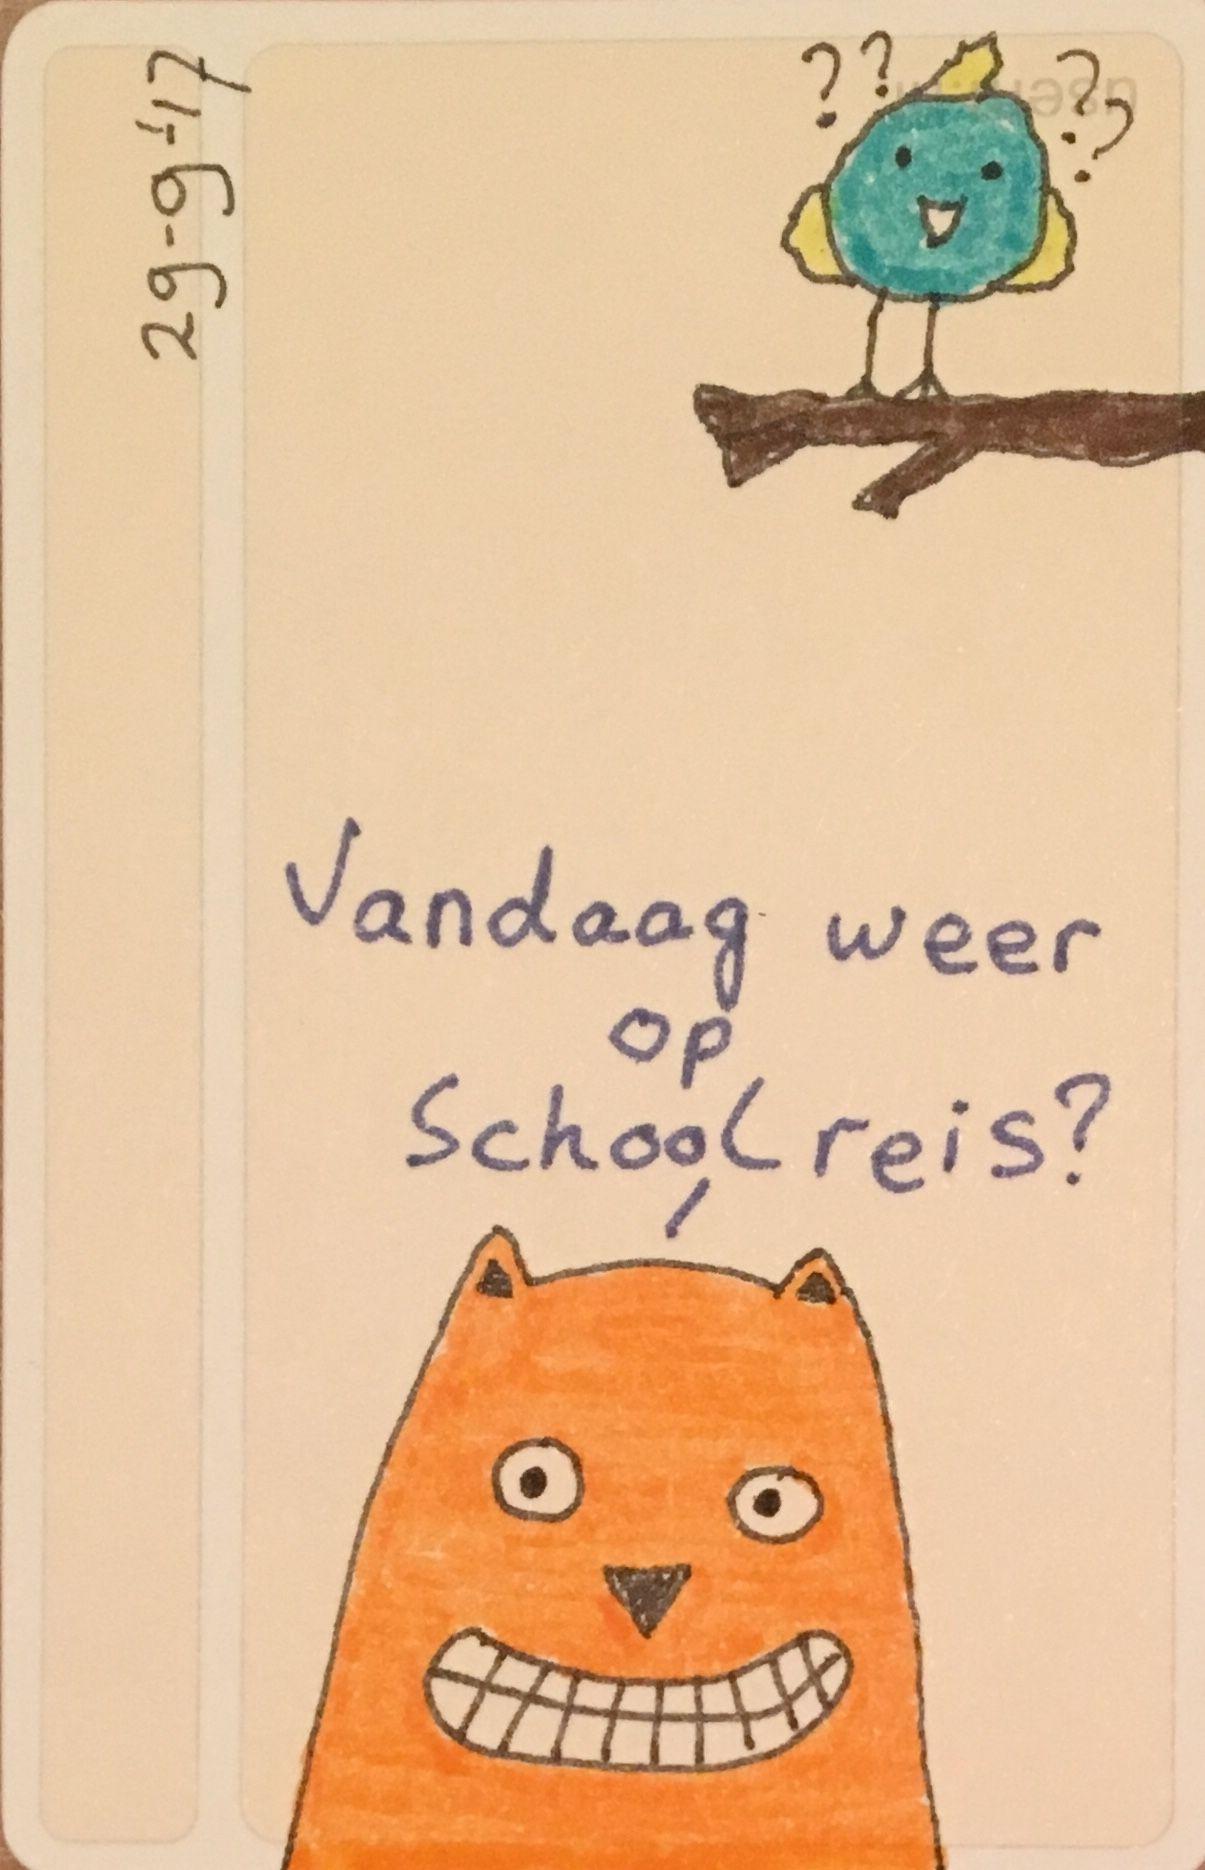 Vandaag weer op schoolreis? #broodtrommel #usem